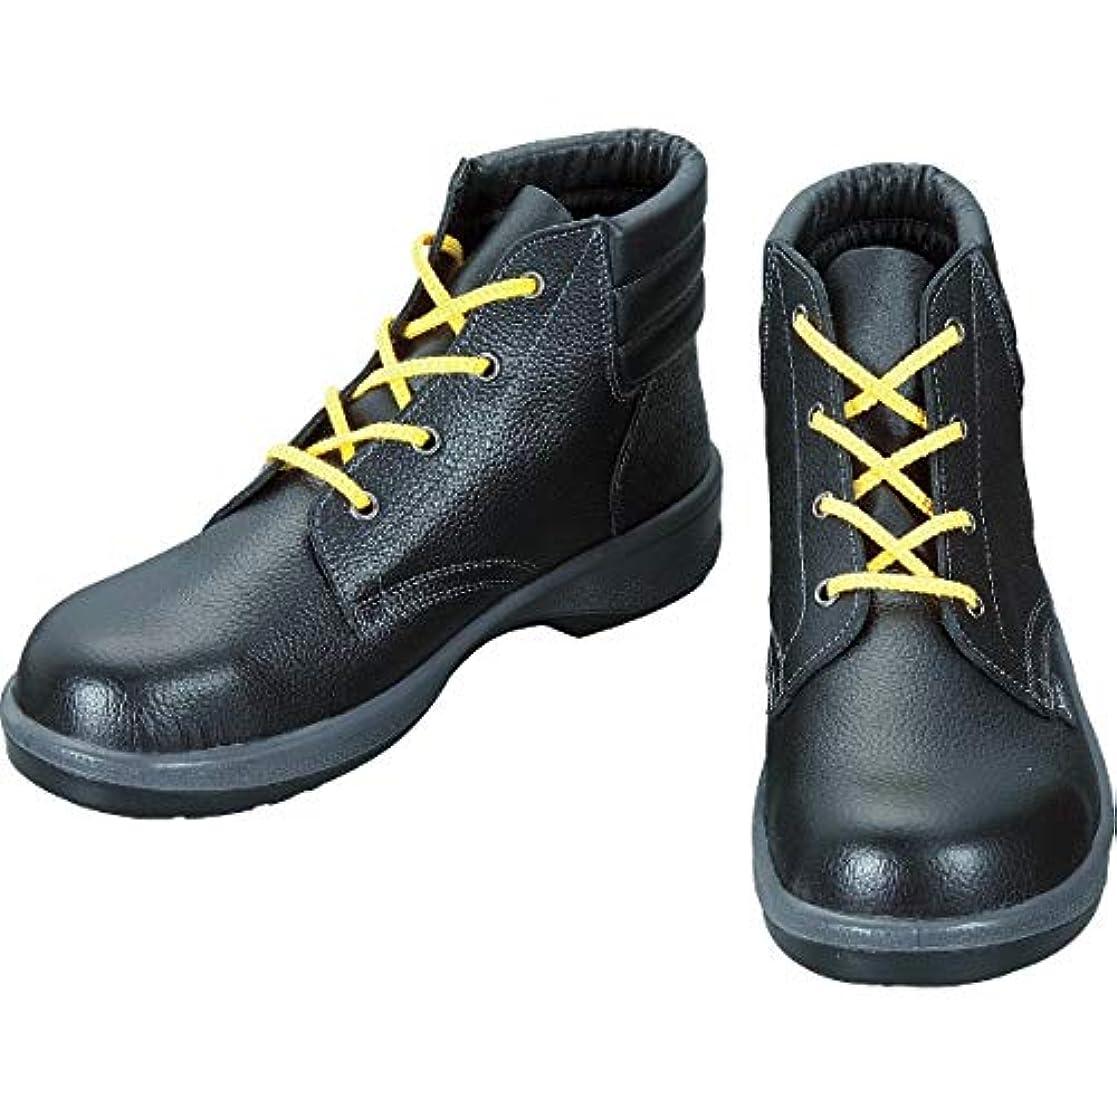 以内に三角大きいシモン 静電安全靴 編上靴 7522黒静電靴 24.5cm 7522S-24.5